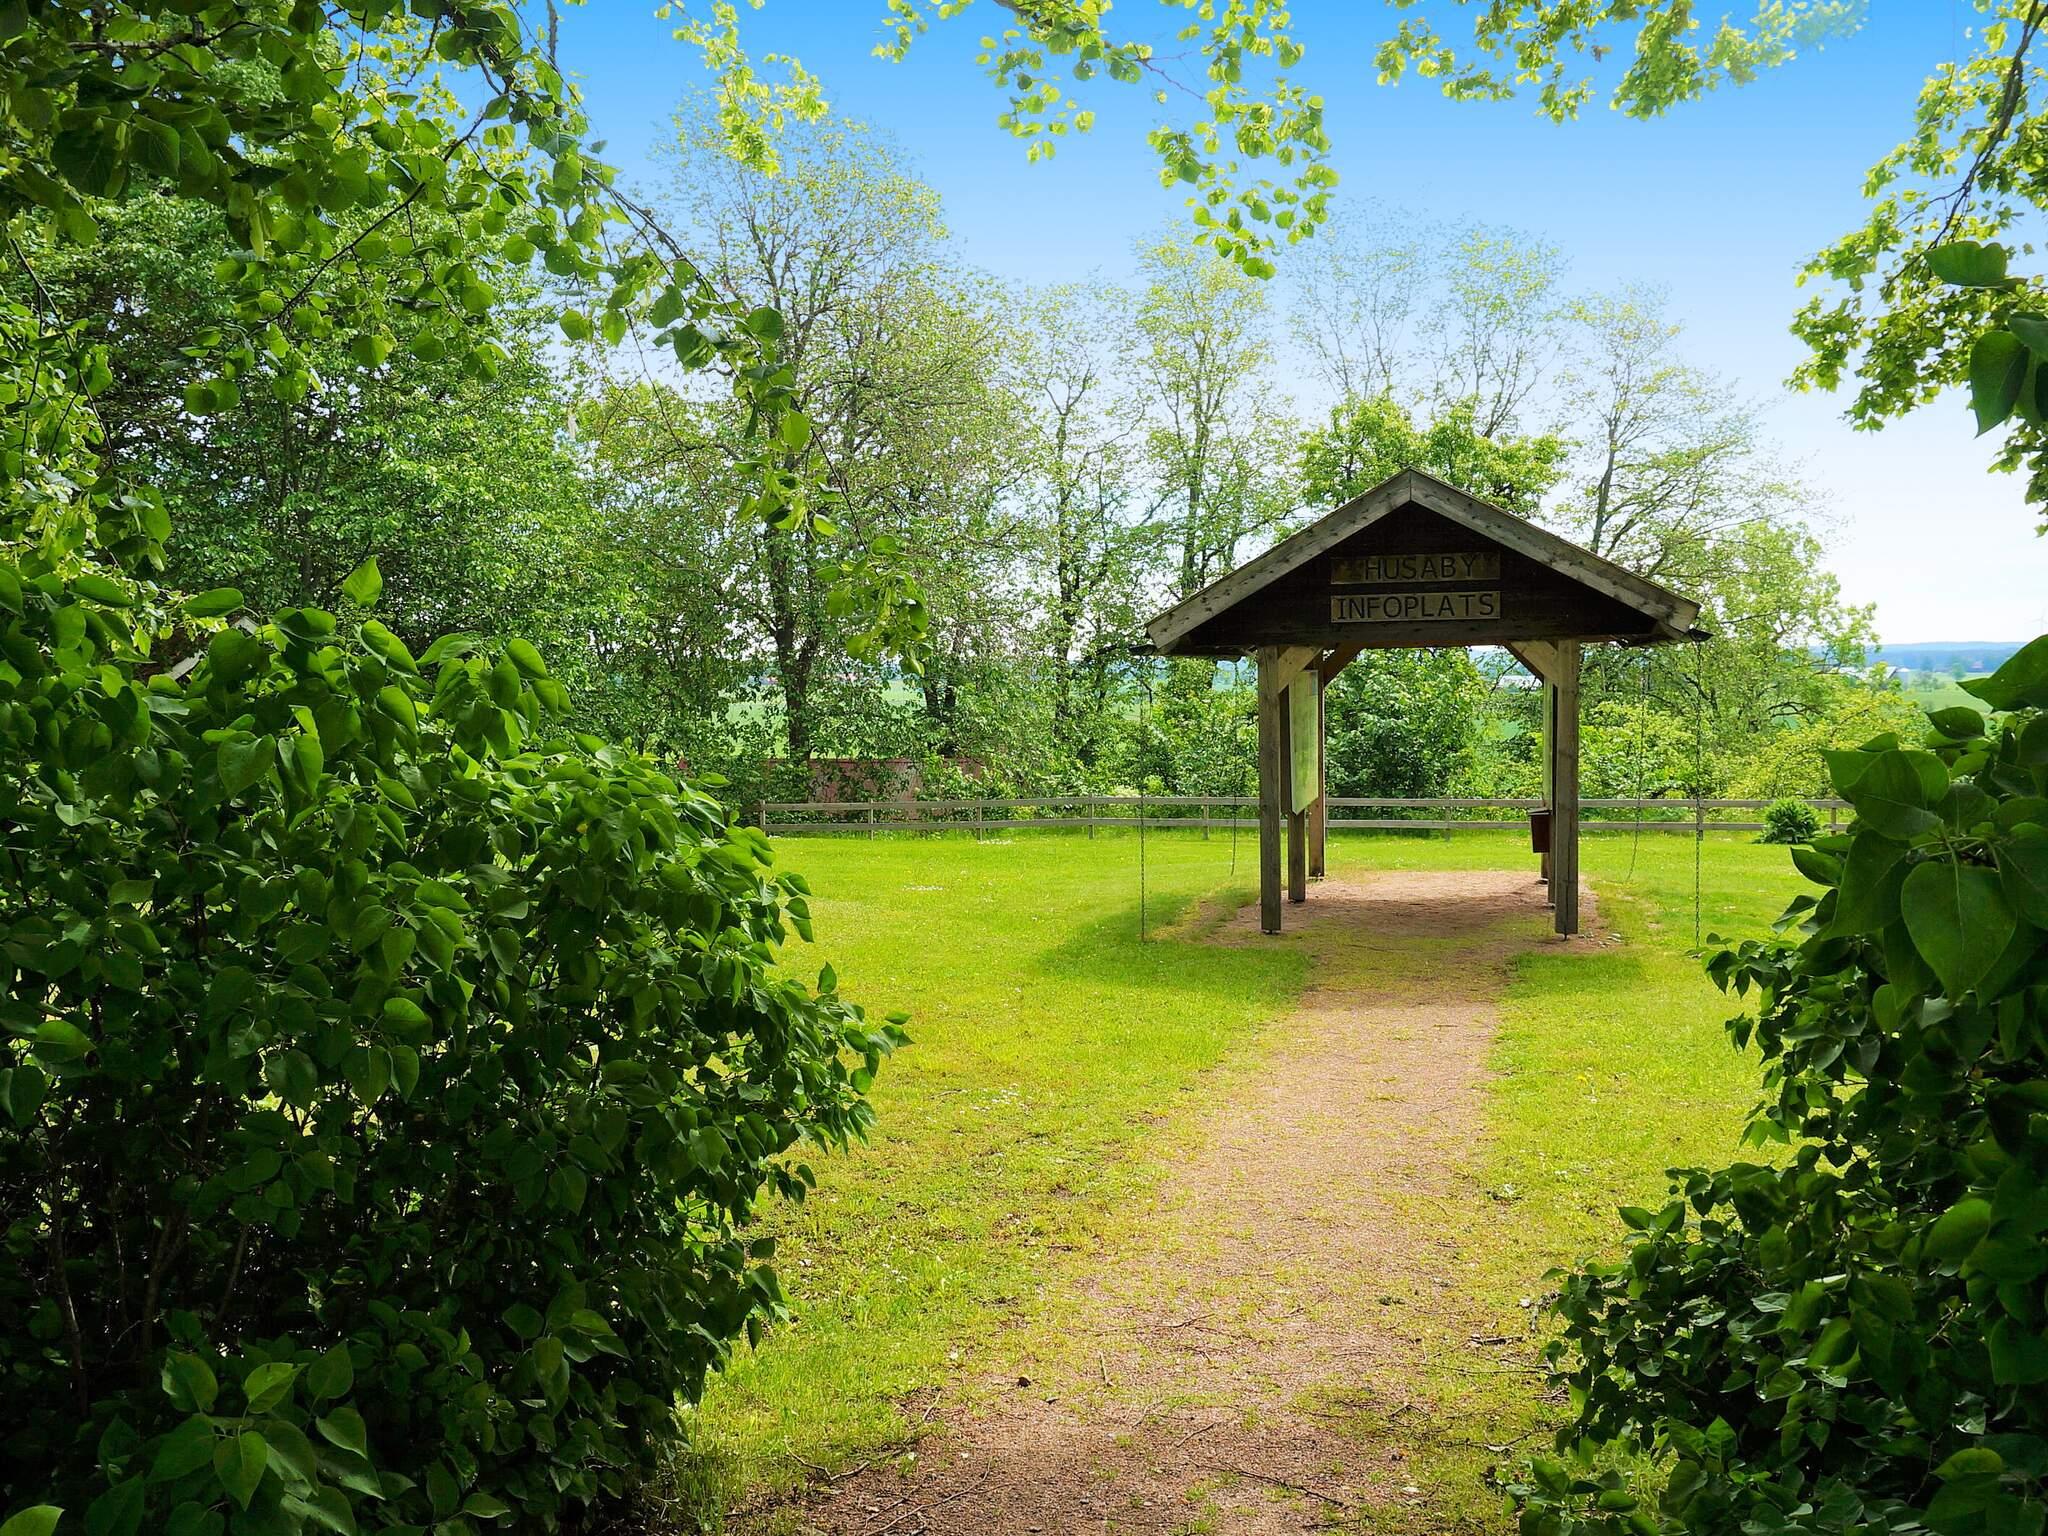 Ferienhaus Lidköping (2633224), Götene, Västra Götaland län, Westschweden, Schweden, Bild 18